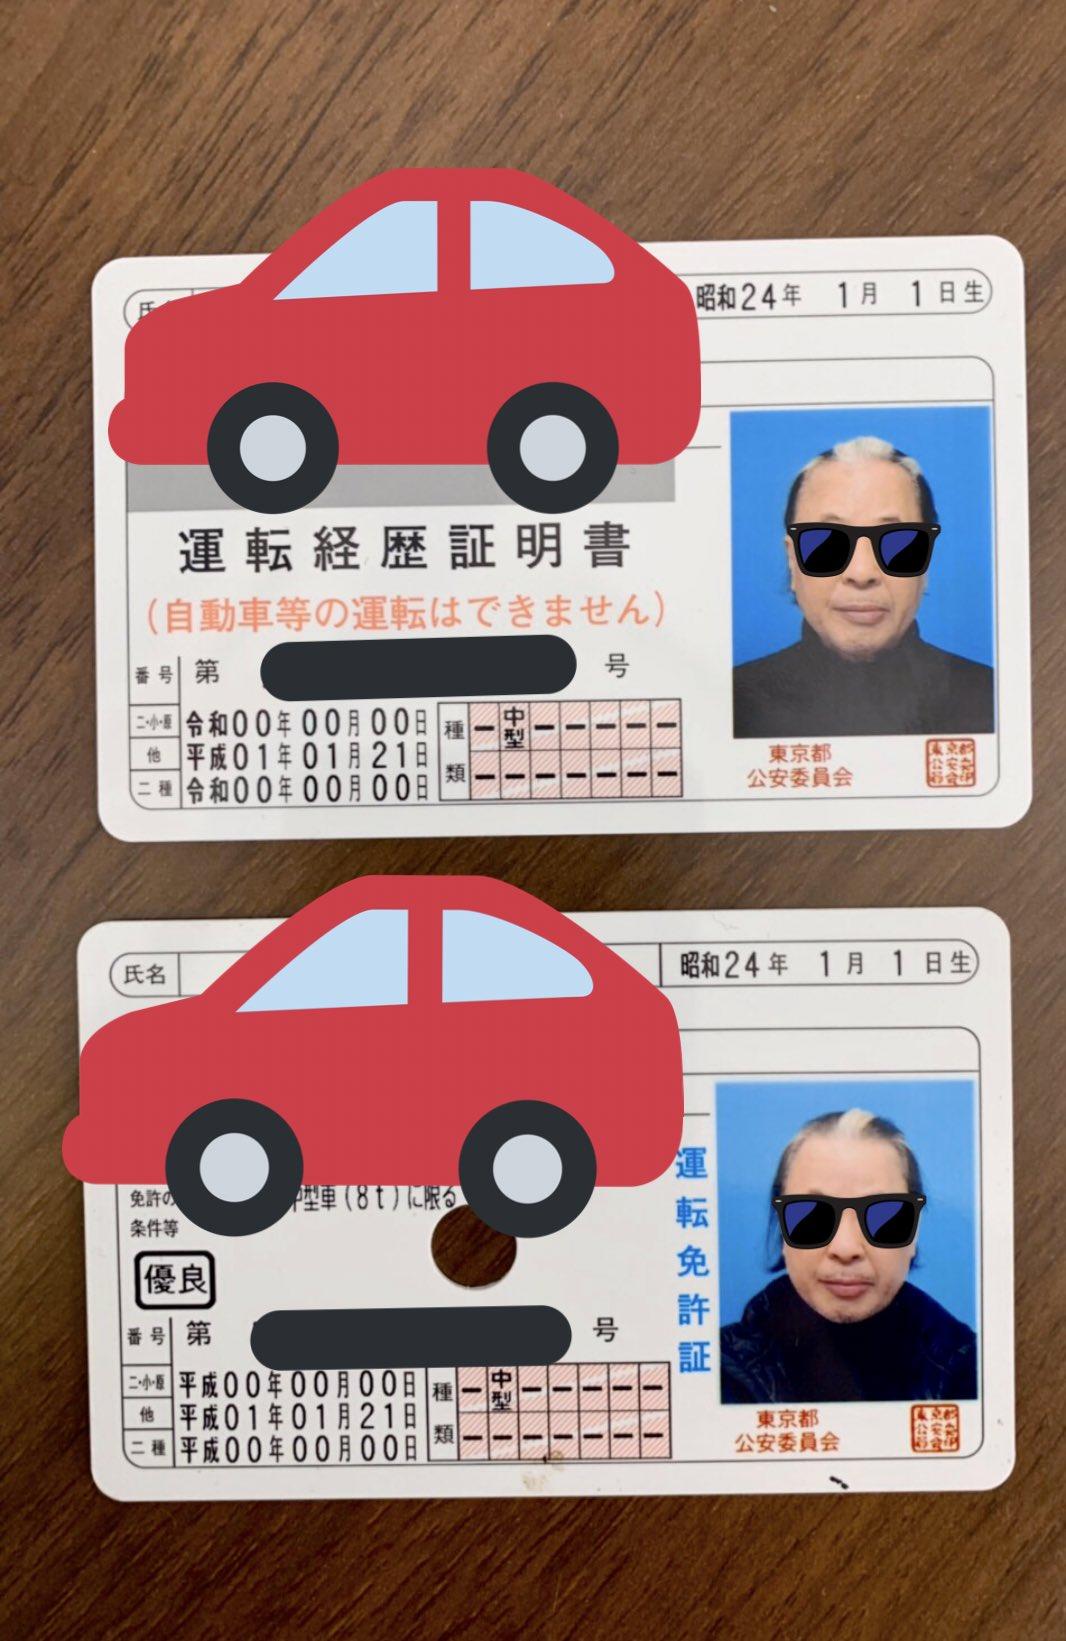 運転経歴証明書(上)と運転免許証(下)(Mr.マリックさん提供)